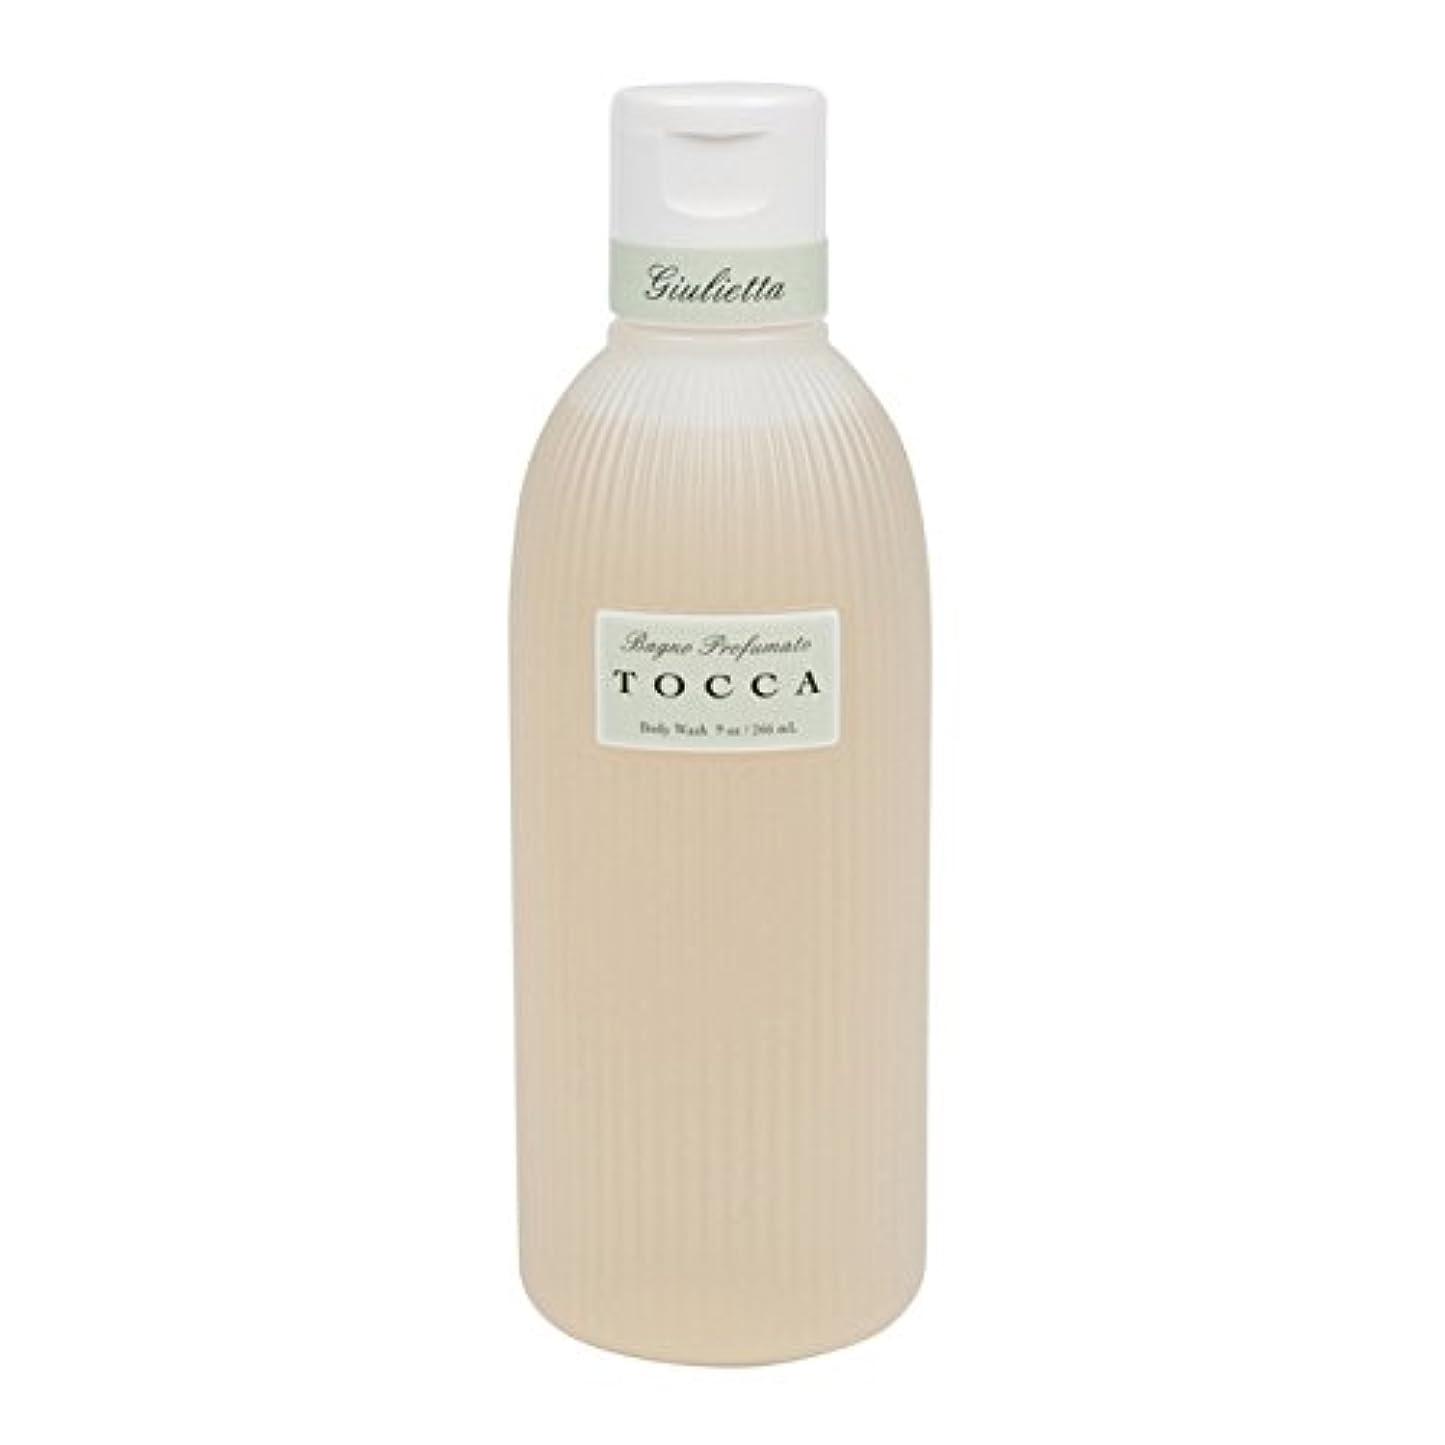 高揚した非行趣味トッカ(TOCCA) ボディーケアウォッシュ ジュリエッタの香り  266ml(全身用洗浄料 ボディーソープ ピンクチューリップとグリーンアップルの爽やかで甘い香り)